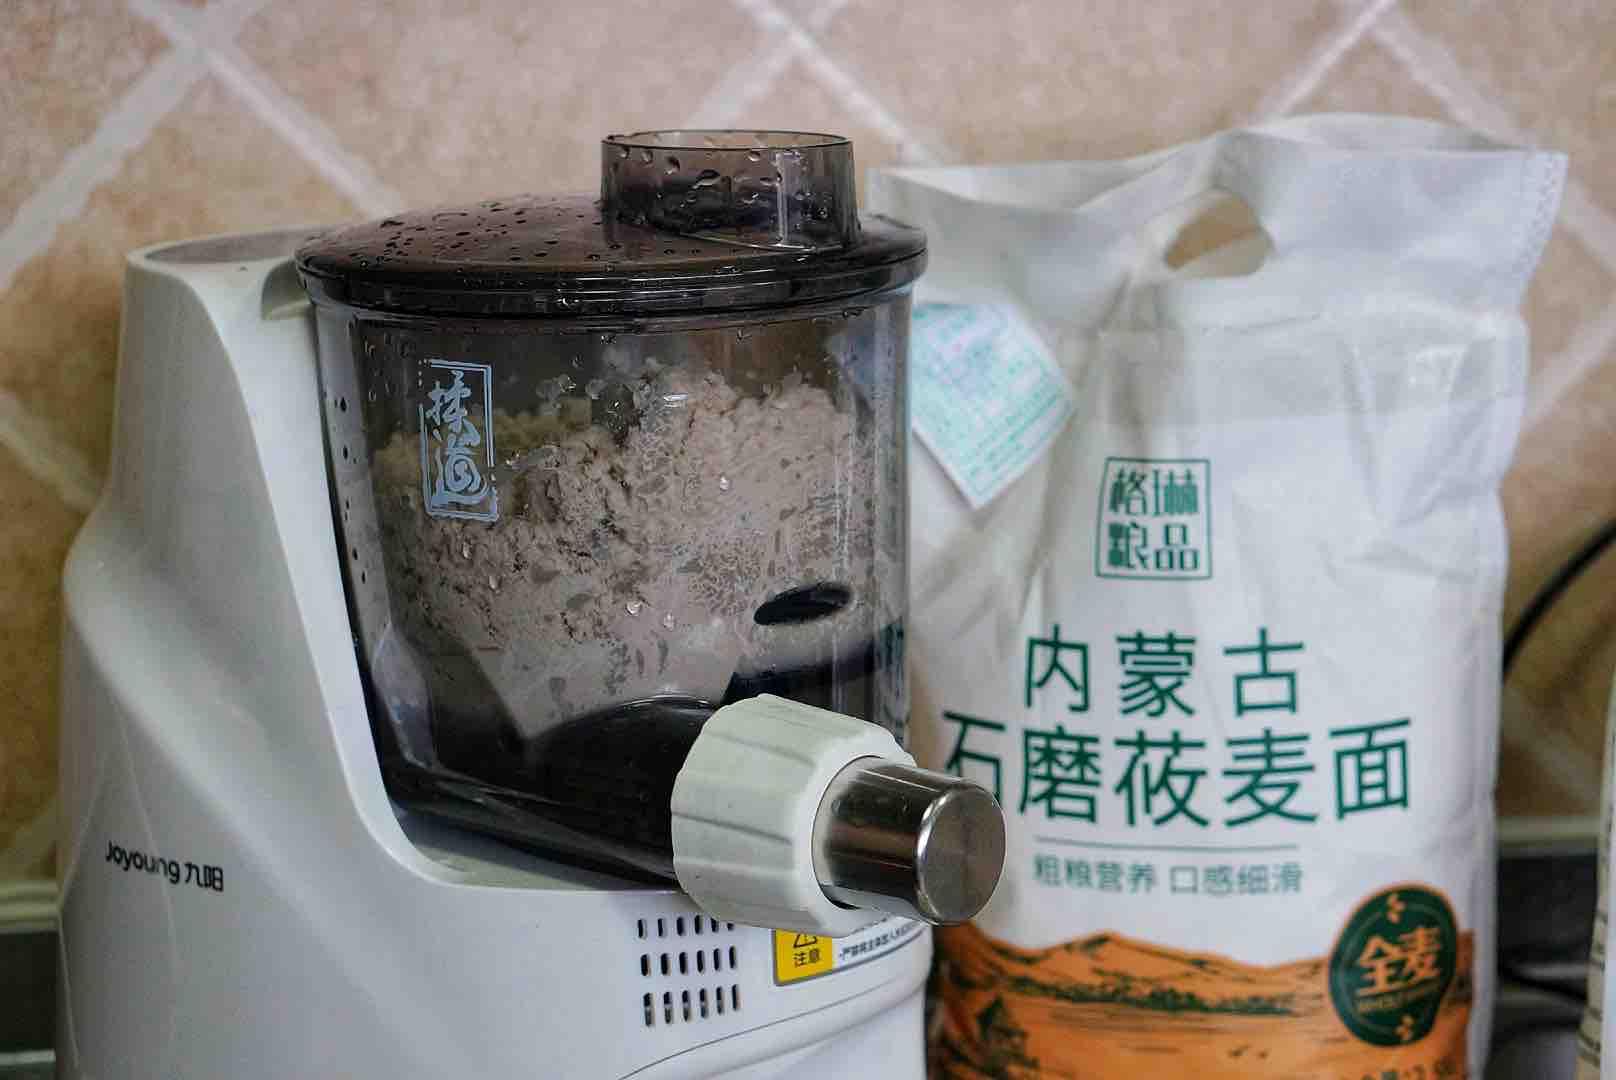 海鲜汤莜麦面的做法图解